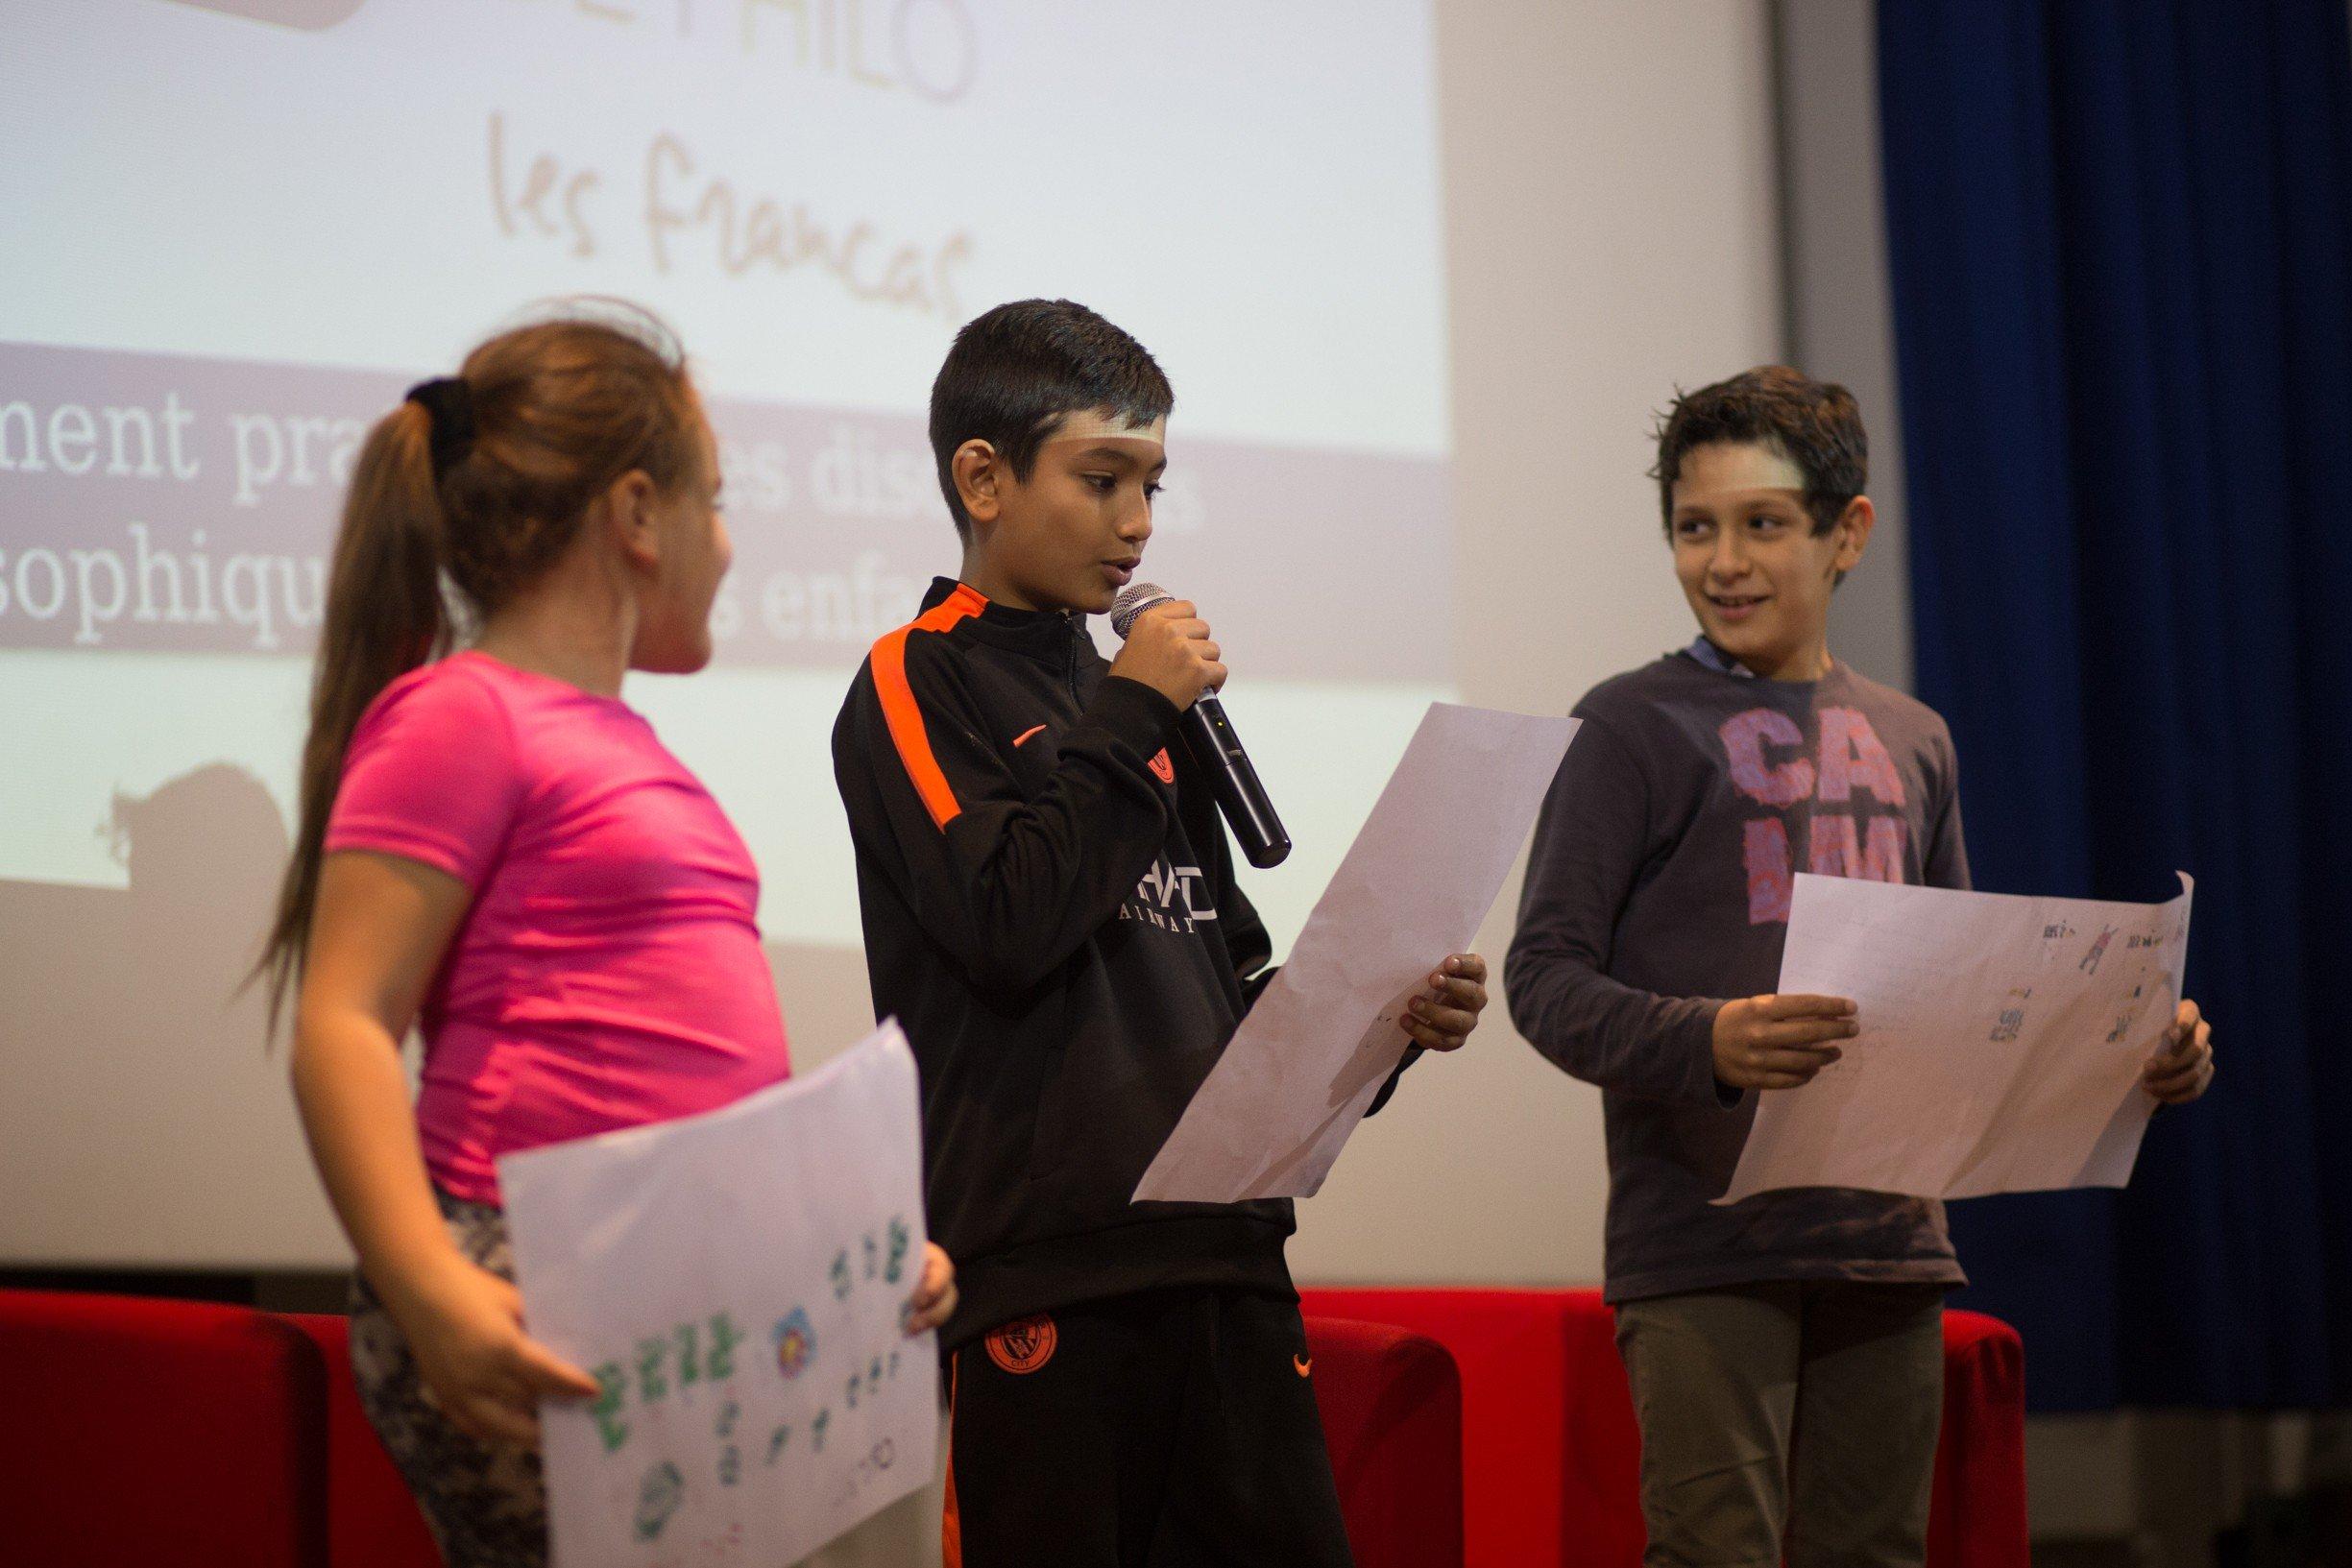 Débats philo : enfants et adultes échangent leurs points de vue à l'atelier Canopé